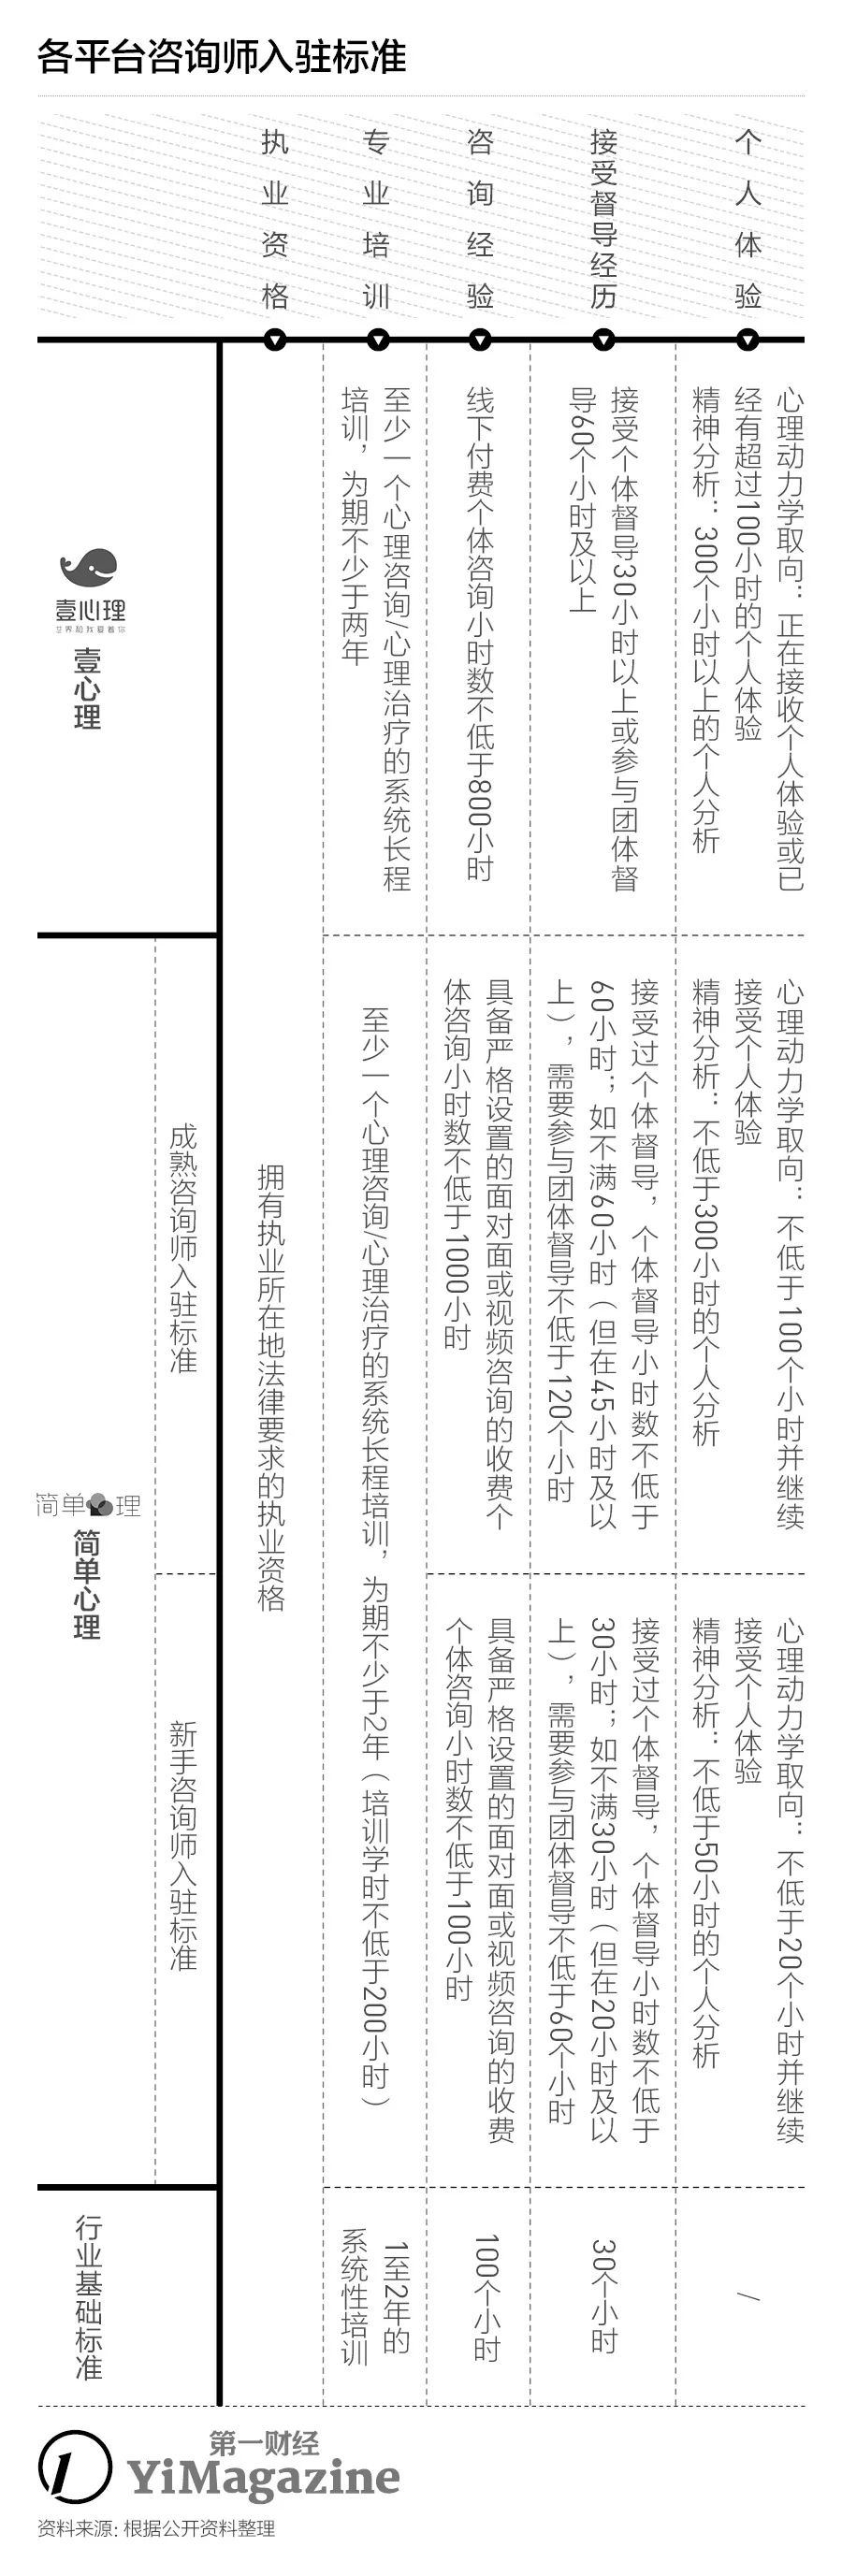 「在泰国博彩合法吗」颜丙涛破奥沙利文纪录差一步 最年轻冠军将诞生?